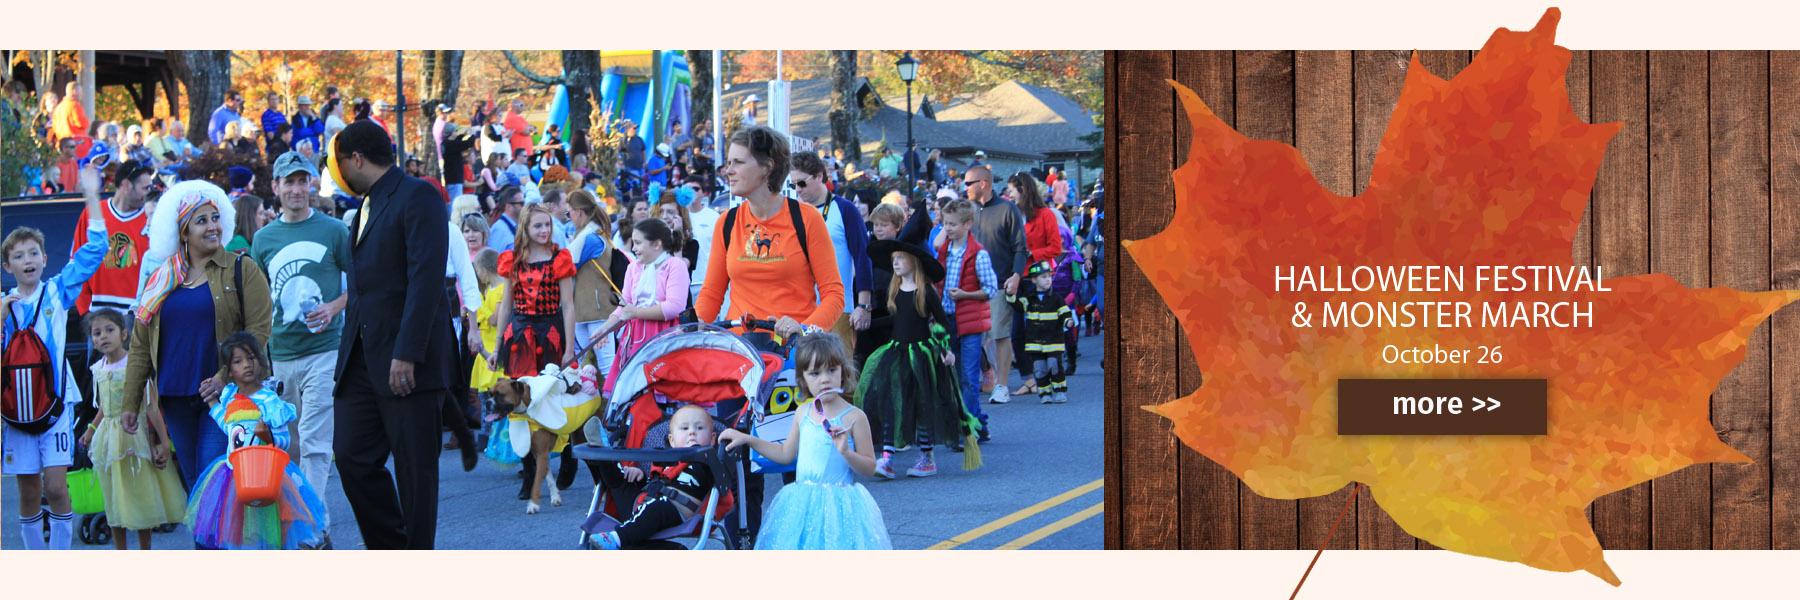 halloween festival slide